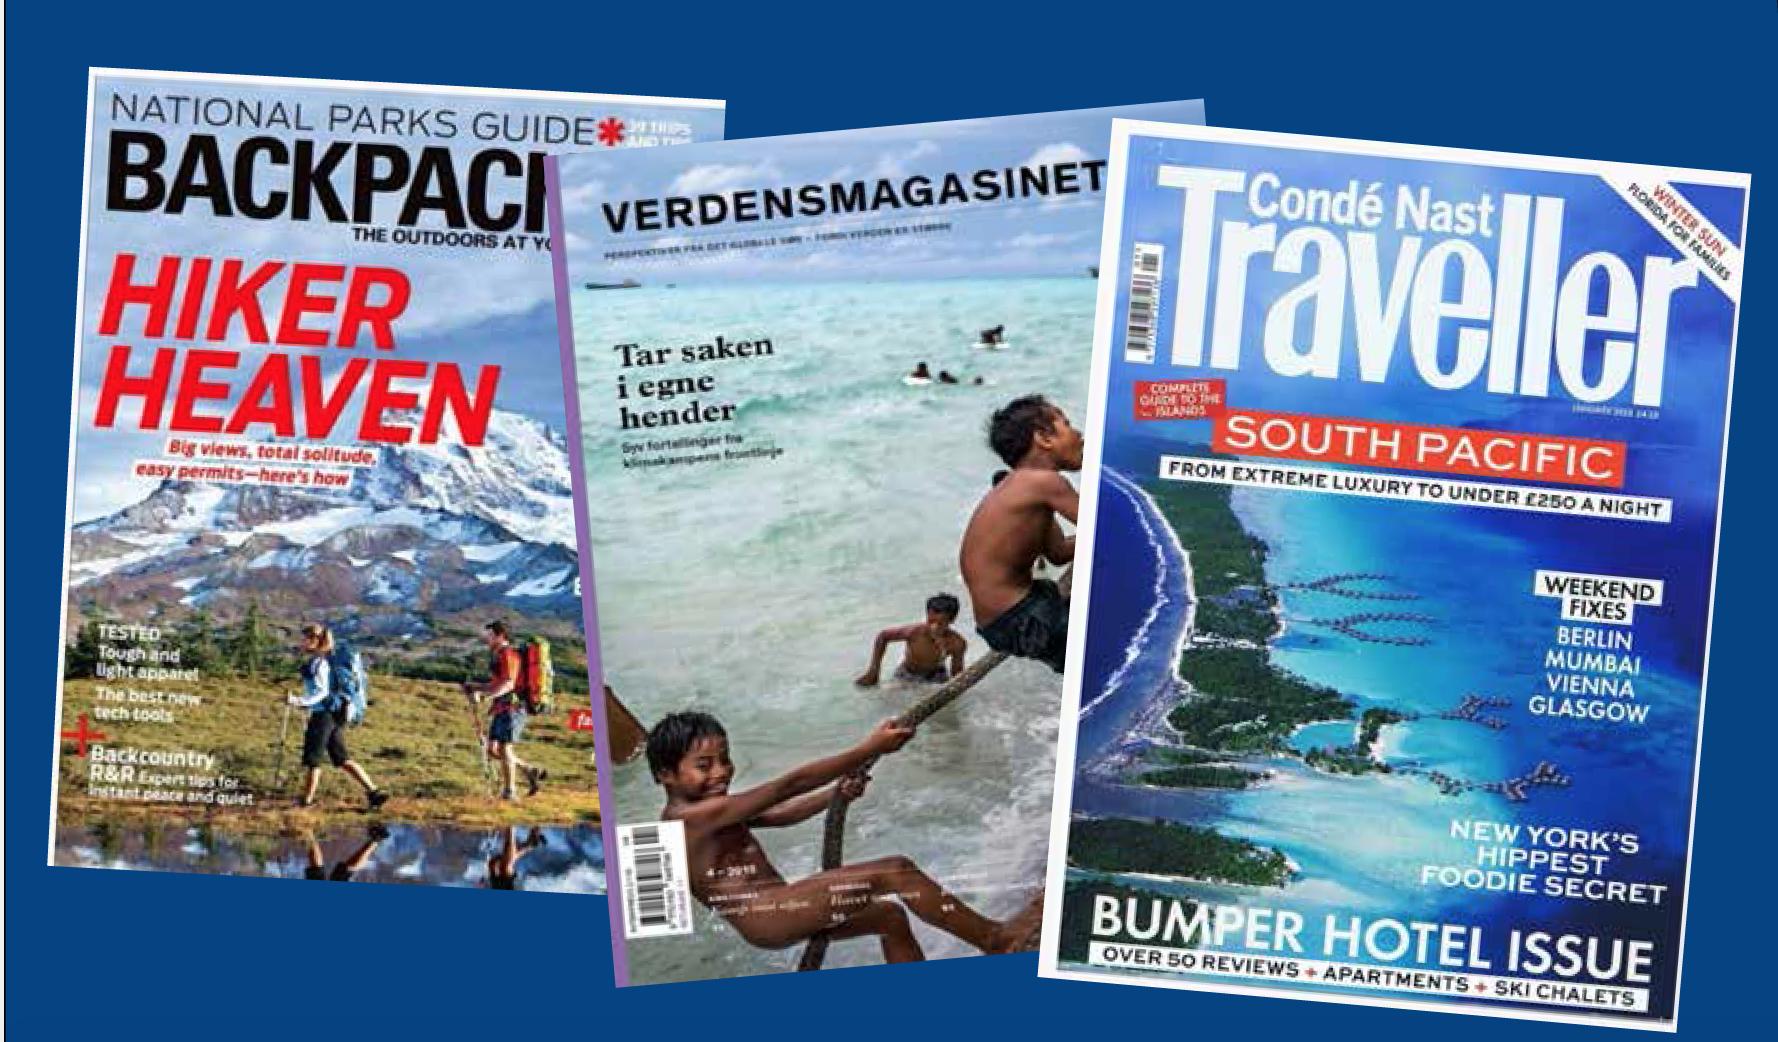 VARIASJON: Tre forskjellige målgrupper, med eksotiske reisemål som fellesnevner.